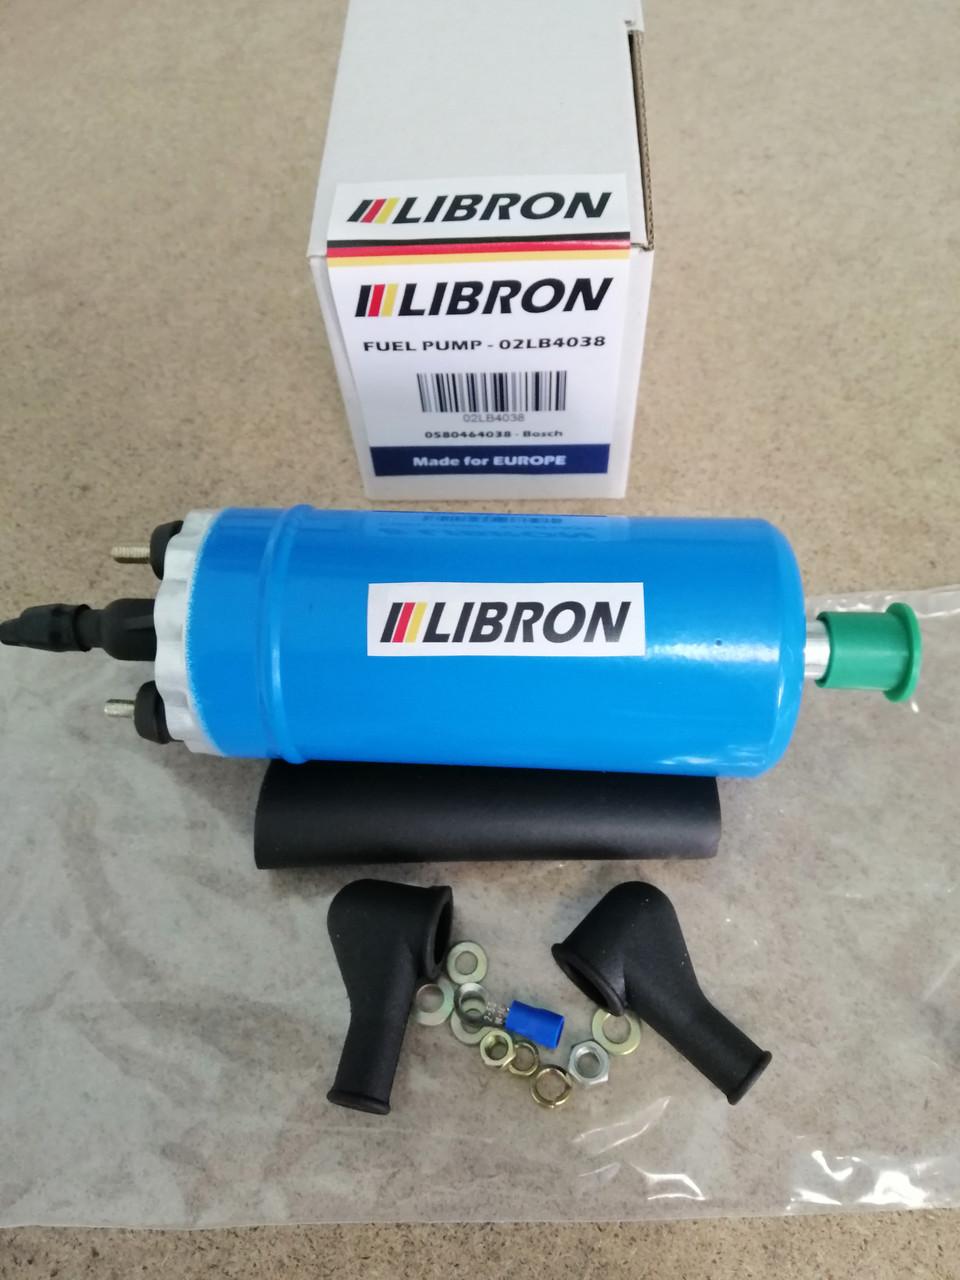 Бензонасос LIBRON 02LB4038 - FIAT REGATA (138) 75 i.e. 1.5 (1985-1989)